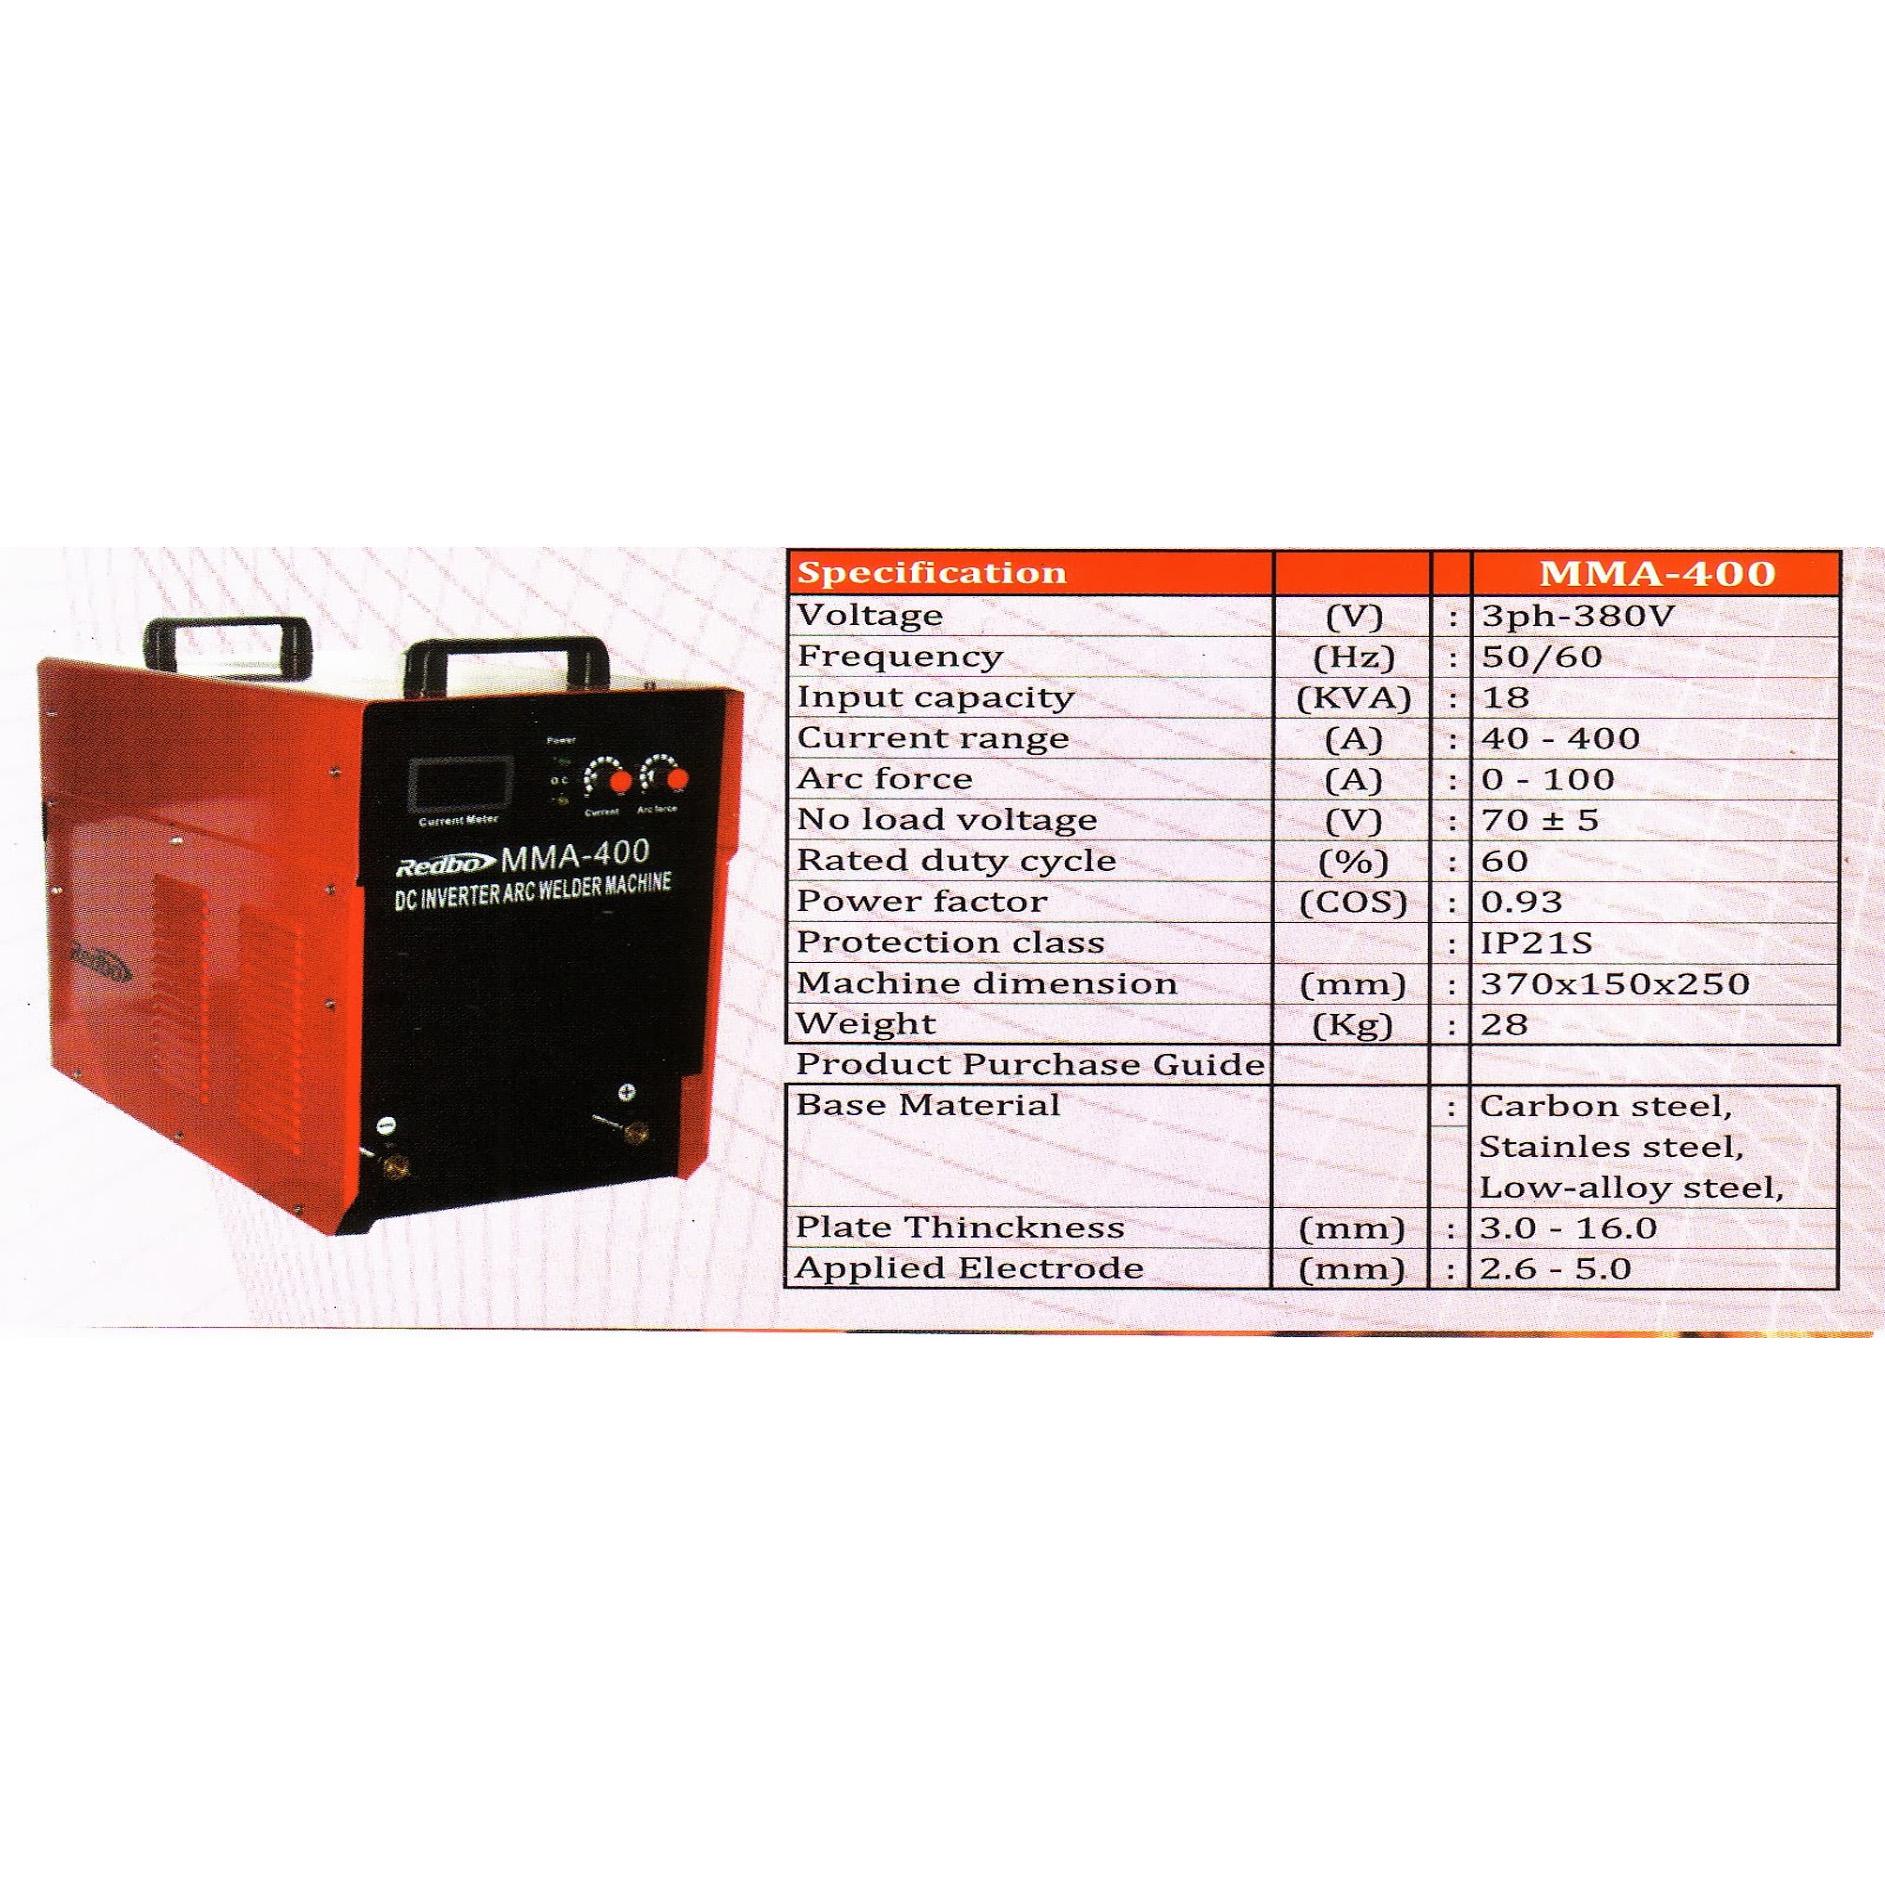 Harga Jual Redbo Mma 400 Mesin Las 400a Arc 160 Riland Inverter Pengelasan Welding Adalah Merupakan Salah Satu Teknik Penyambungan Logam Melalui Cara Pencairan Sebagian Induk Dan Pengisi